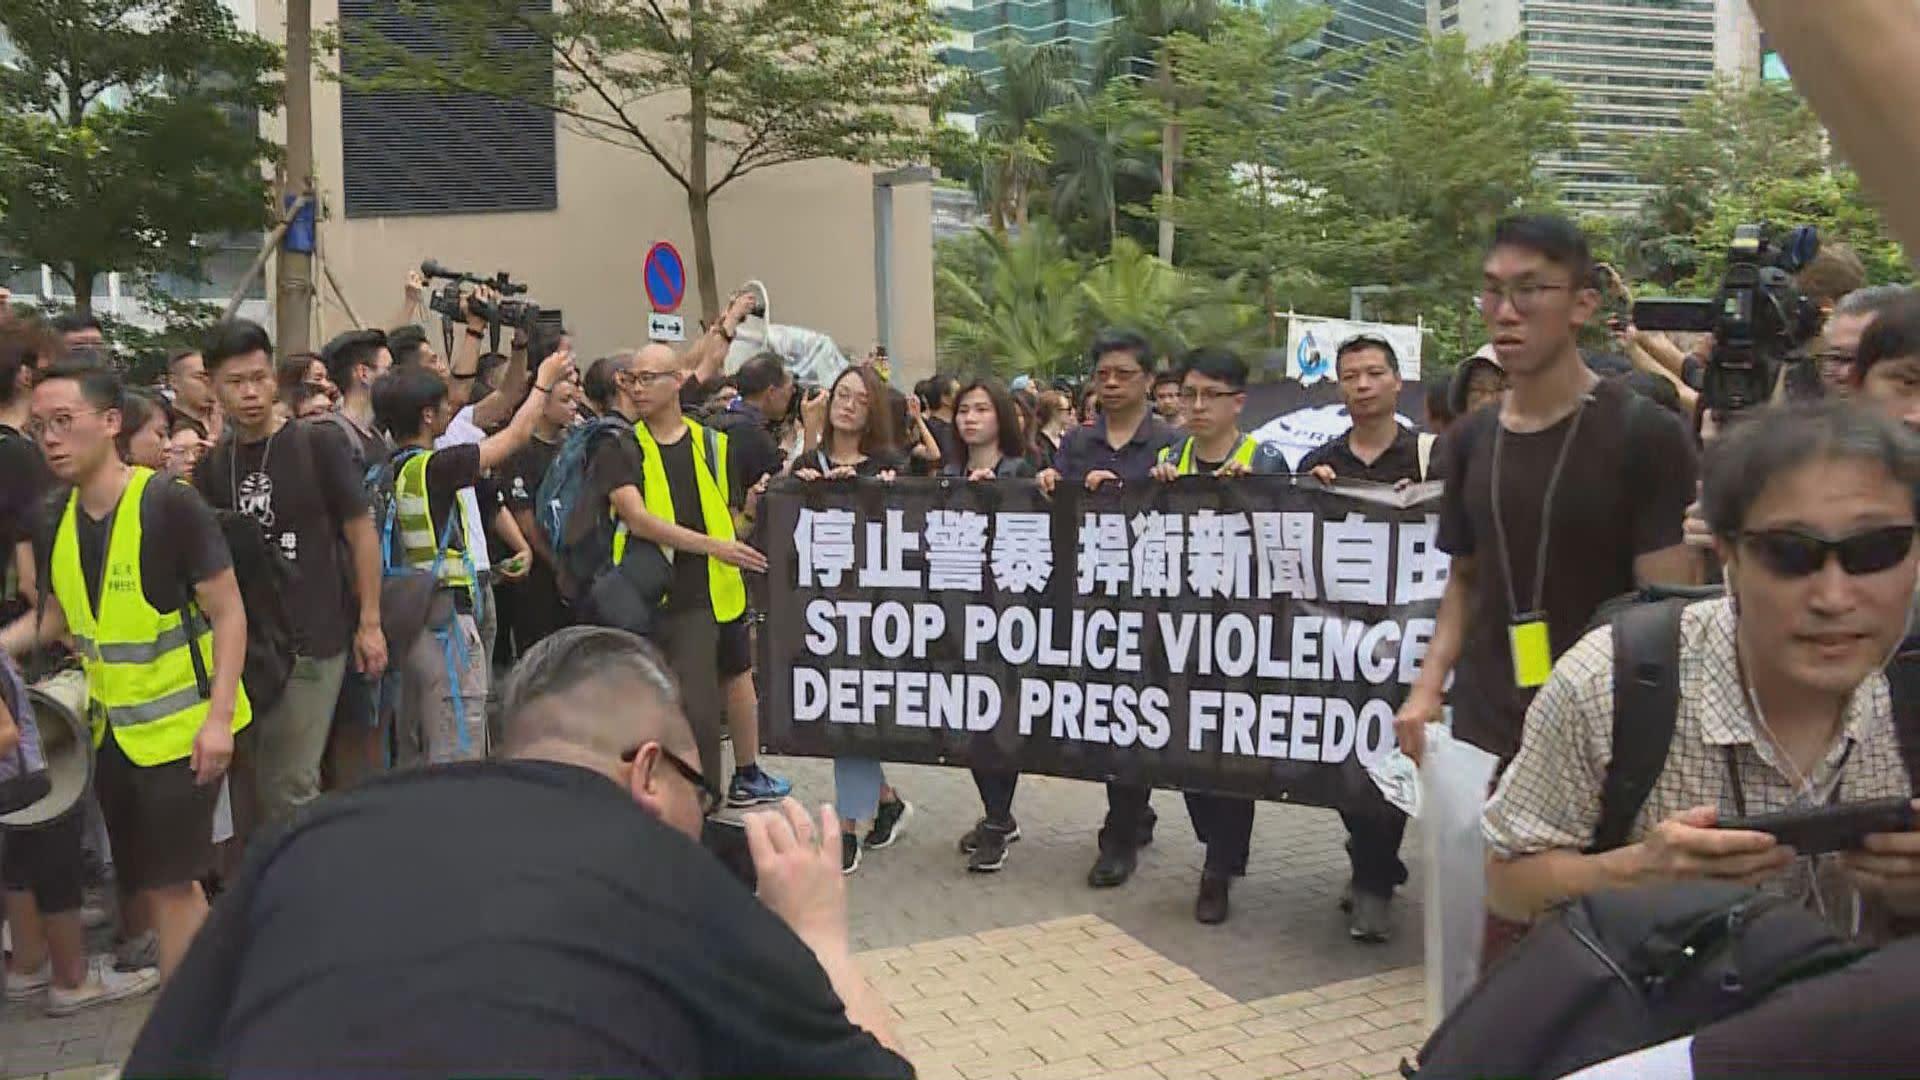 新聞界靜默遊行 要求林鄭捍衛新聞自由